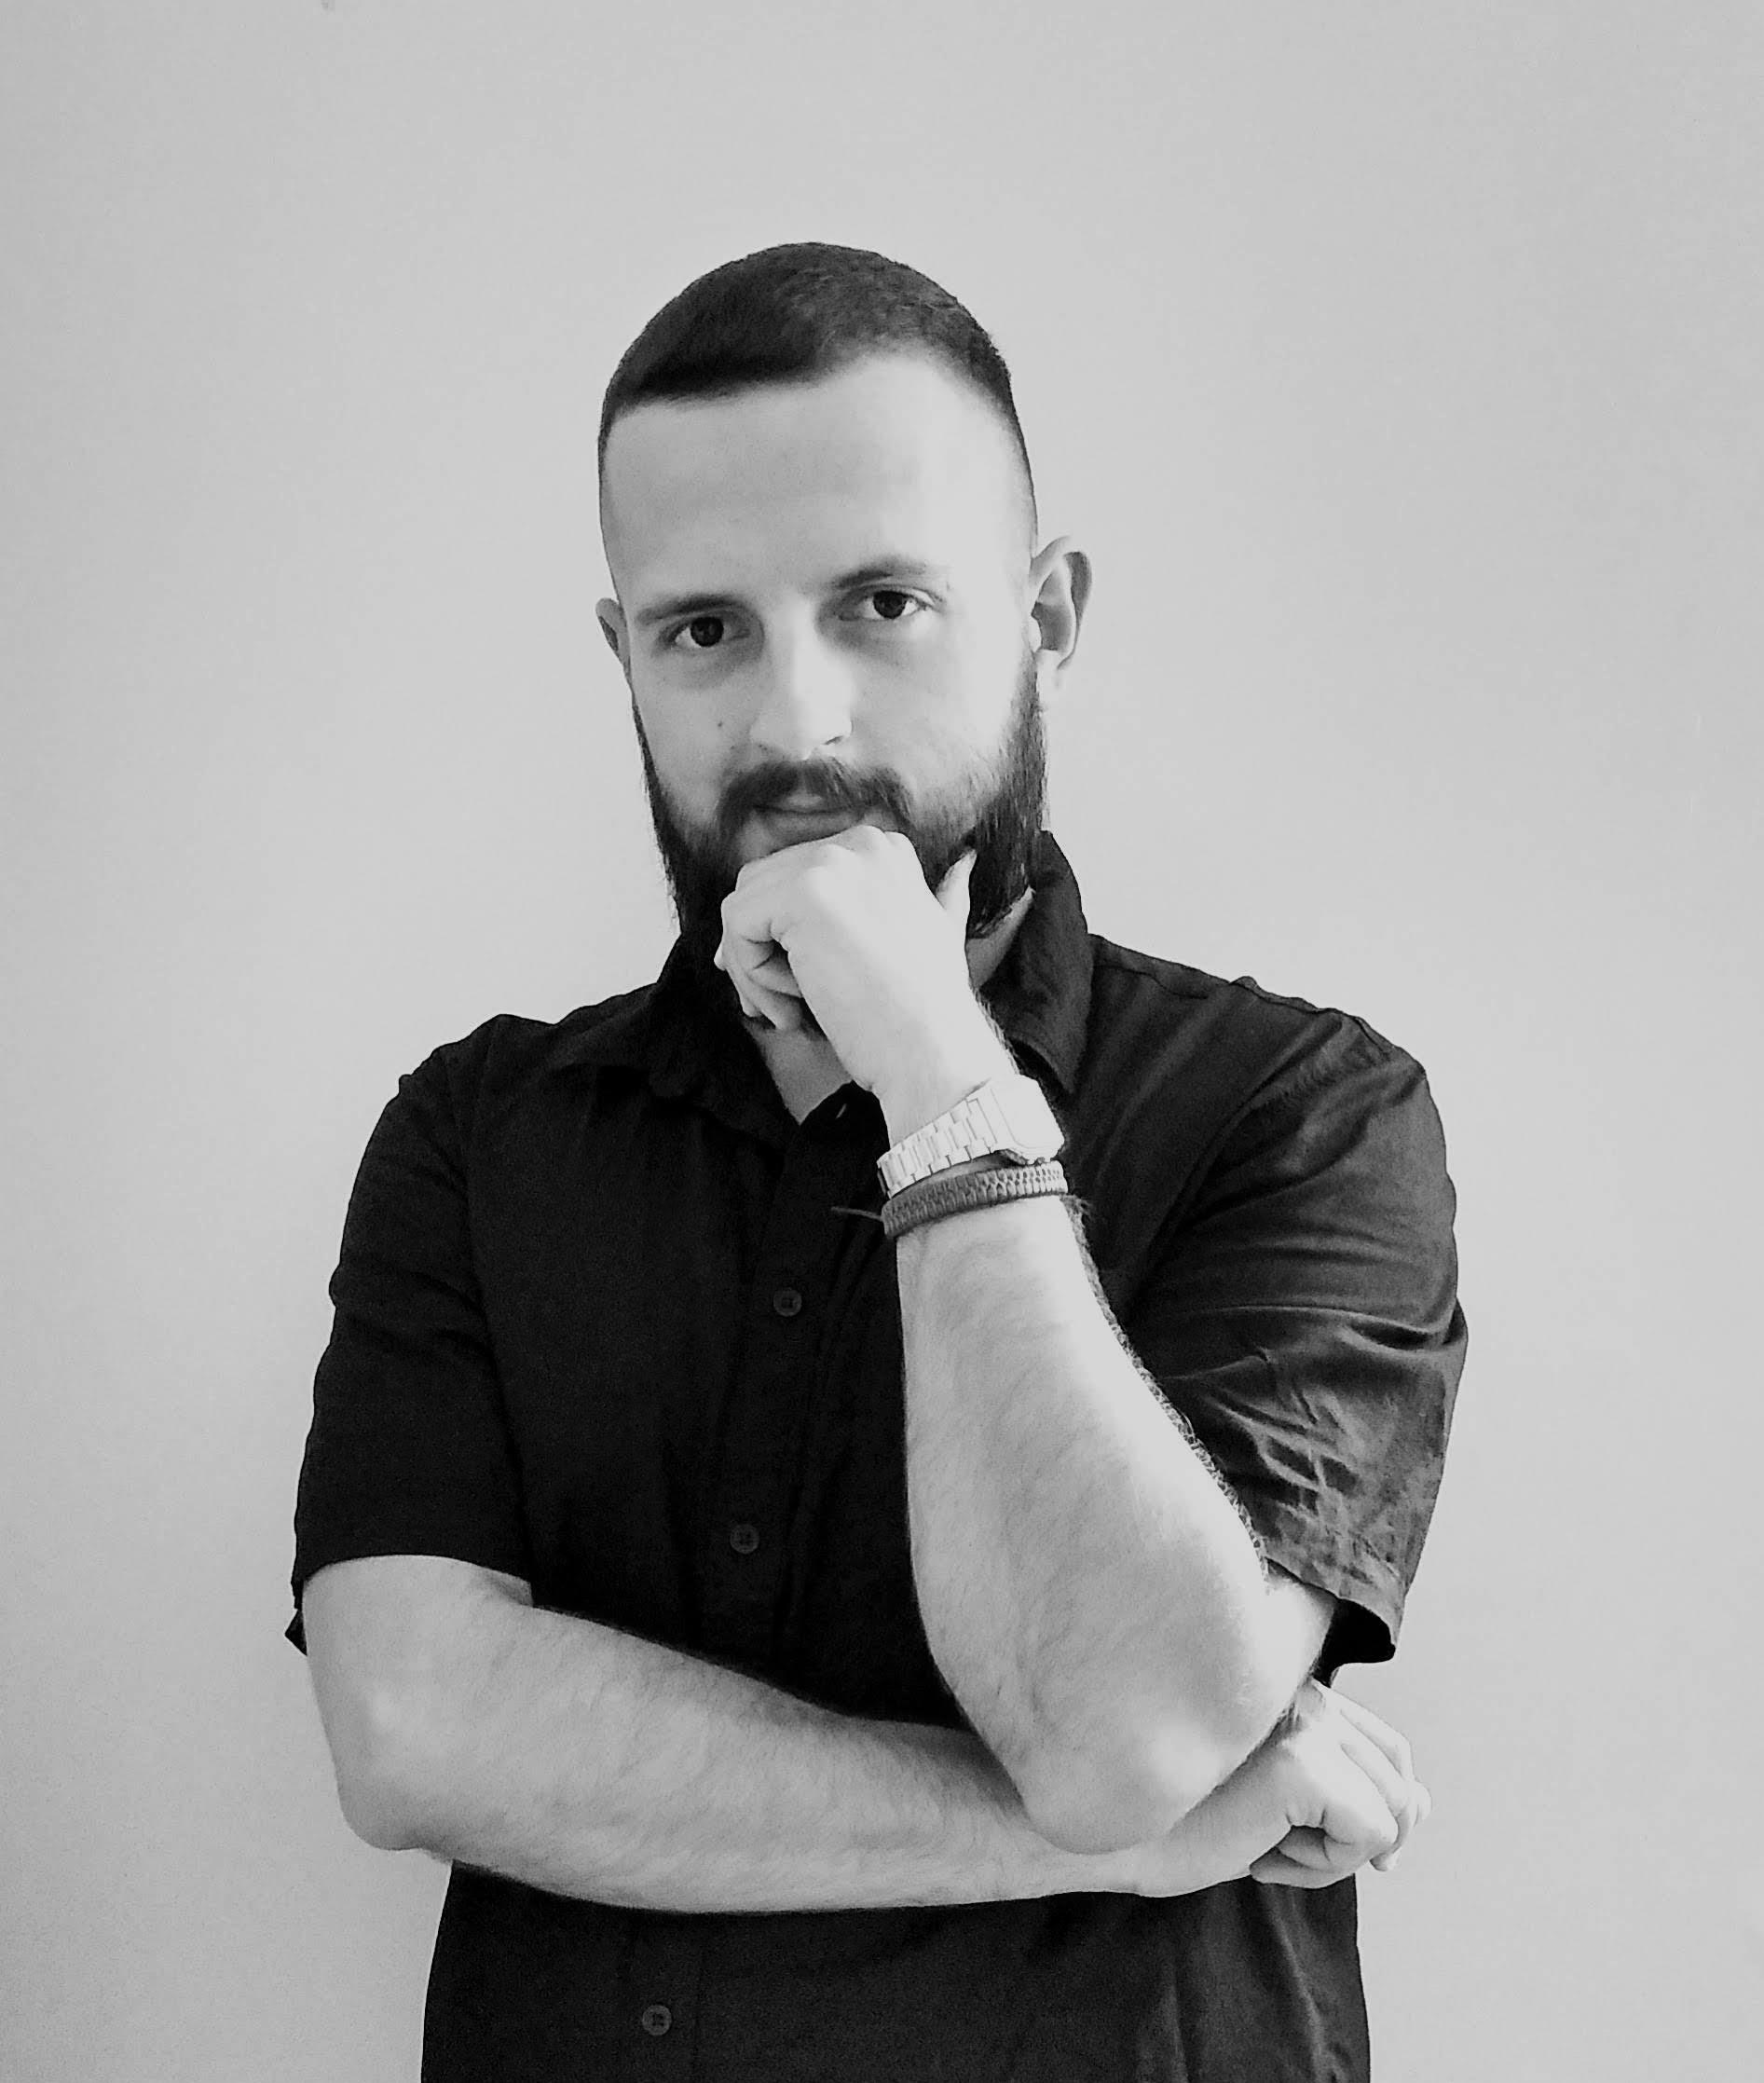 Daniel Wichiciel